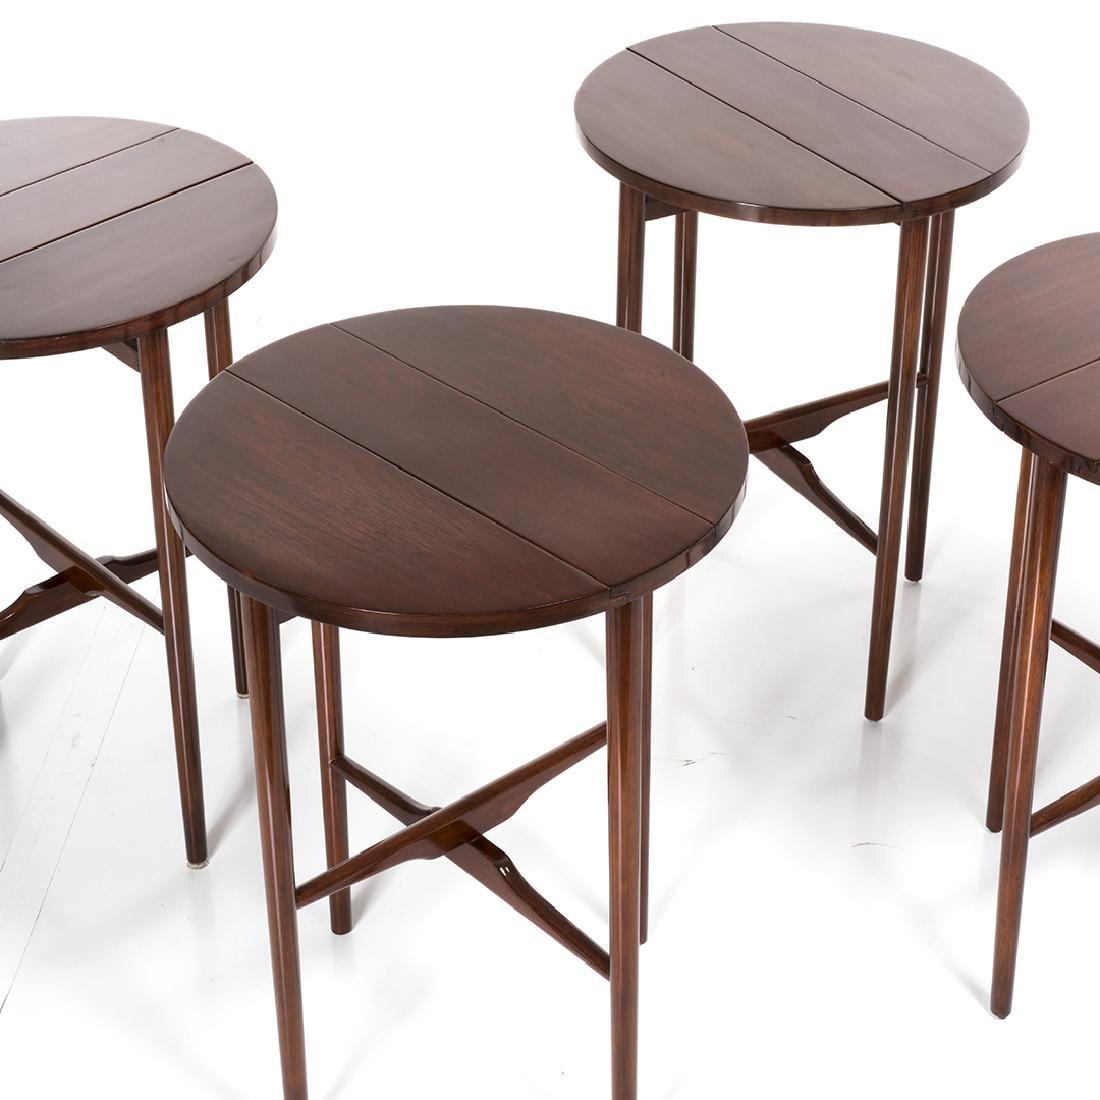 Bertha Schaeffer Nesting Tables - 4